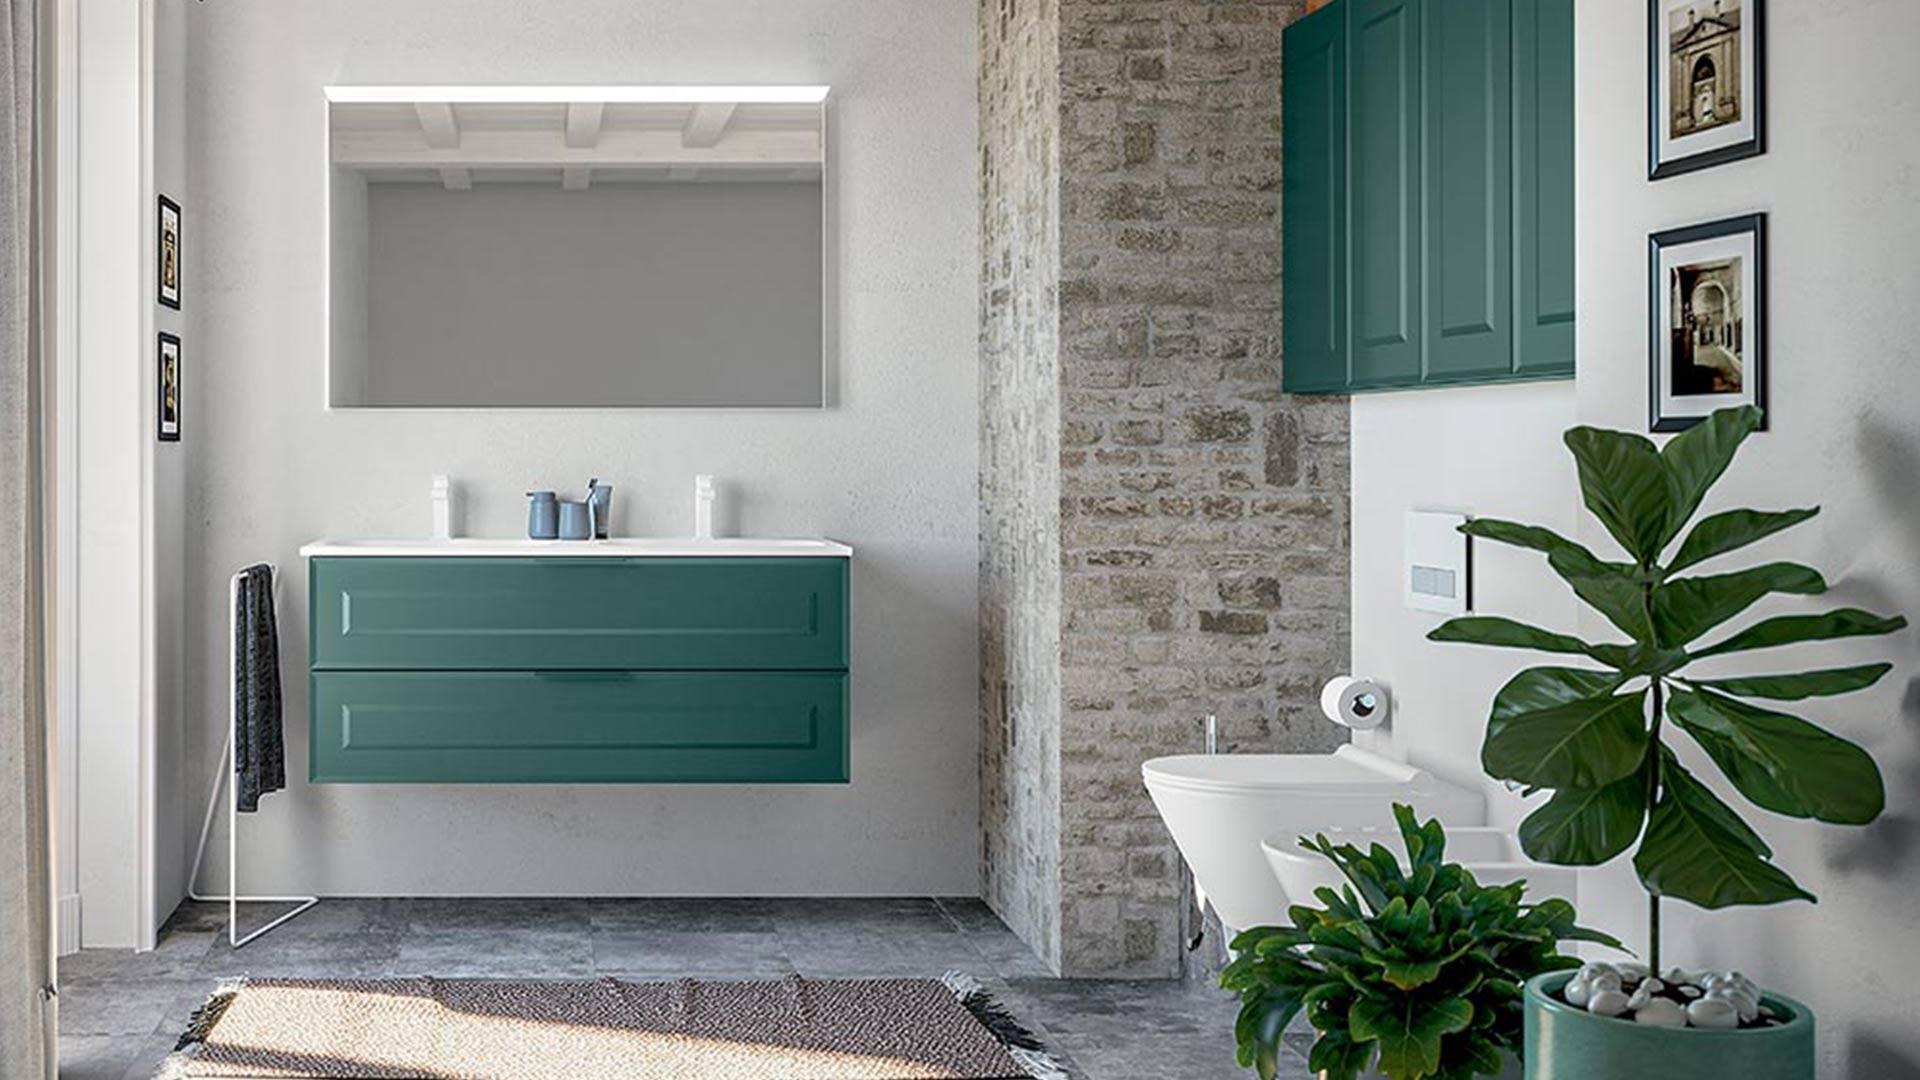 Come ristrutturare un bagno stretto e lungo: Restyling Del Bagno 5 Idee A Cui Non Avevi Ancora Pensato Berloni Bagno